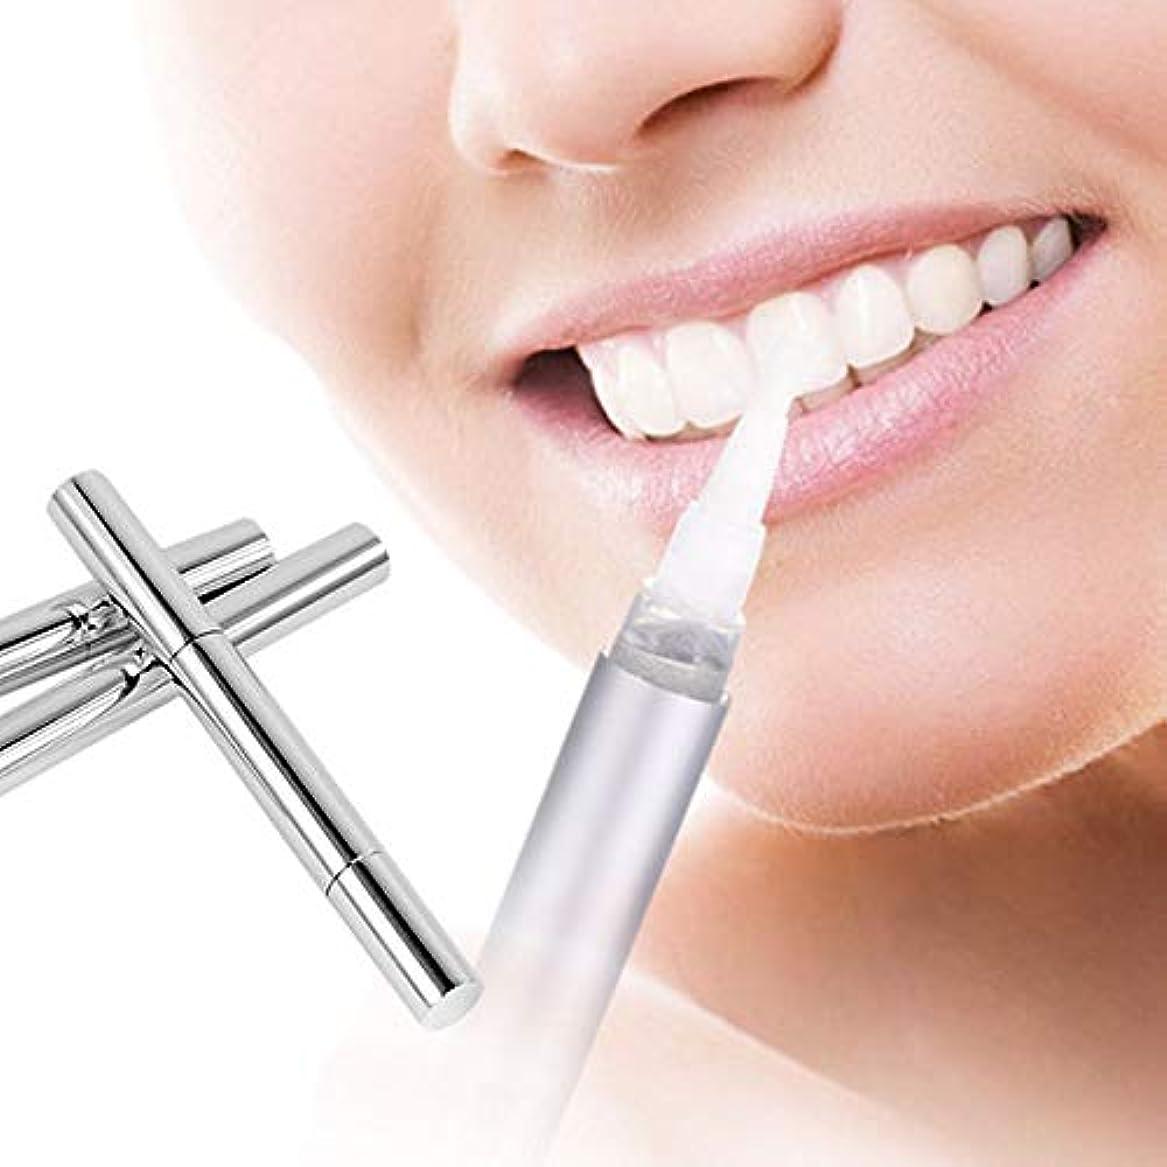 ジェスチャー過度に順応性のある美白歯ゲル 歯 ホワイトニングペン 美白ゲルマウスウォッシュ ステイン消し携帯便利 口腔洗浄ツール 輝く笑顔 口臭防止 歯周病防止